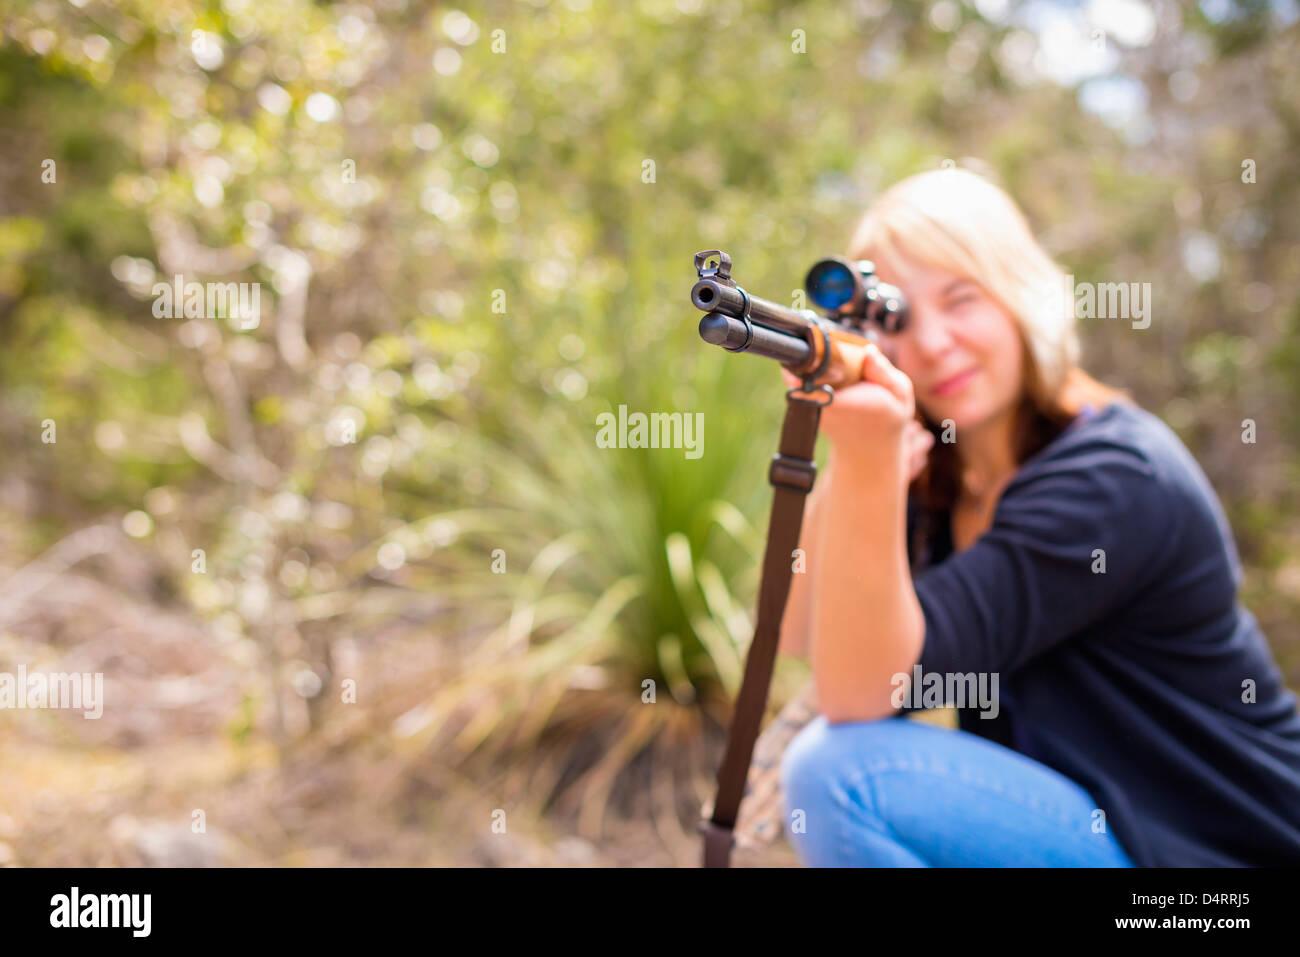 Giovane donna sparare con un fucile da caccia arma, femmina 19 caucasici, Texas, Stati Uniti d'America Immagini Stock